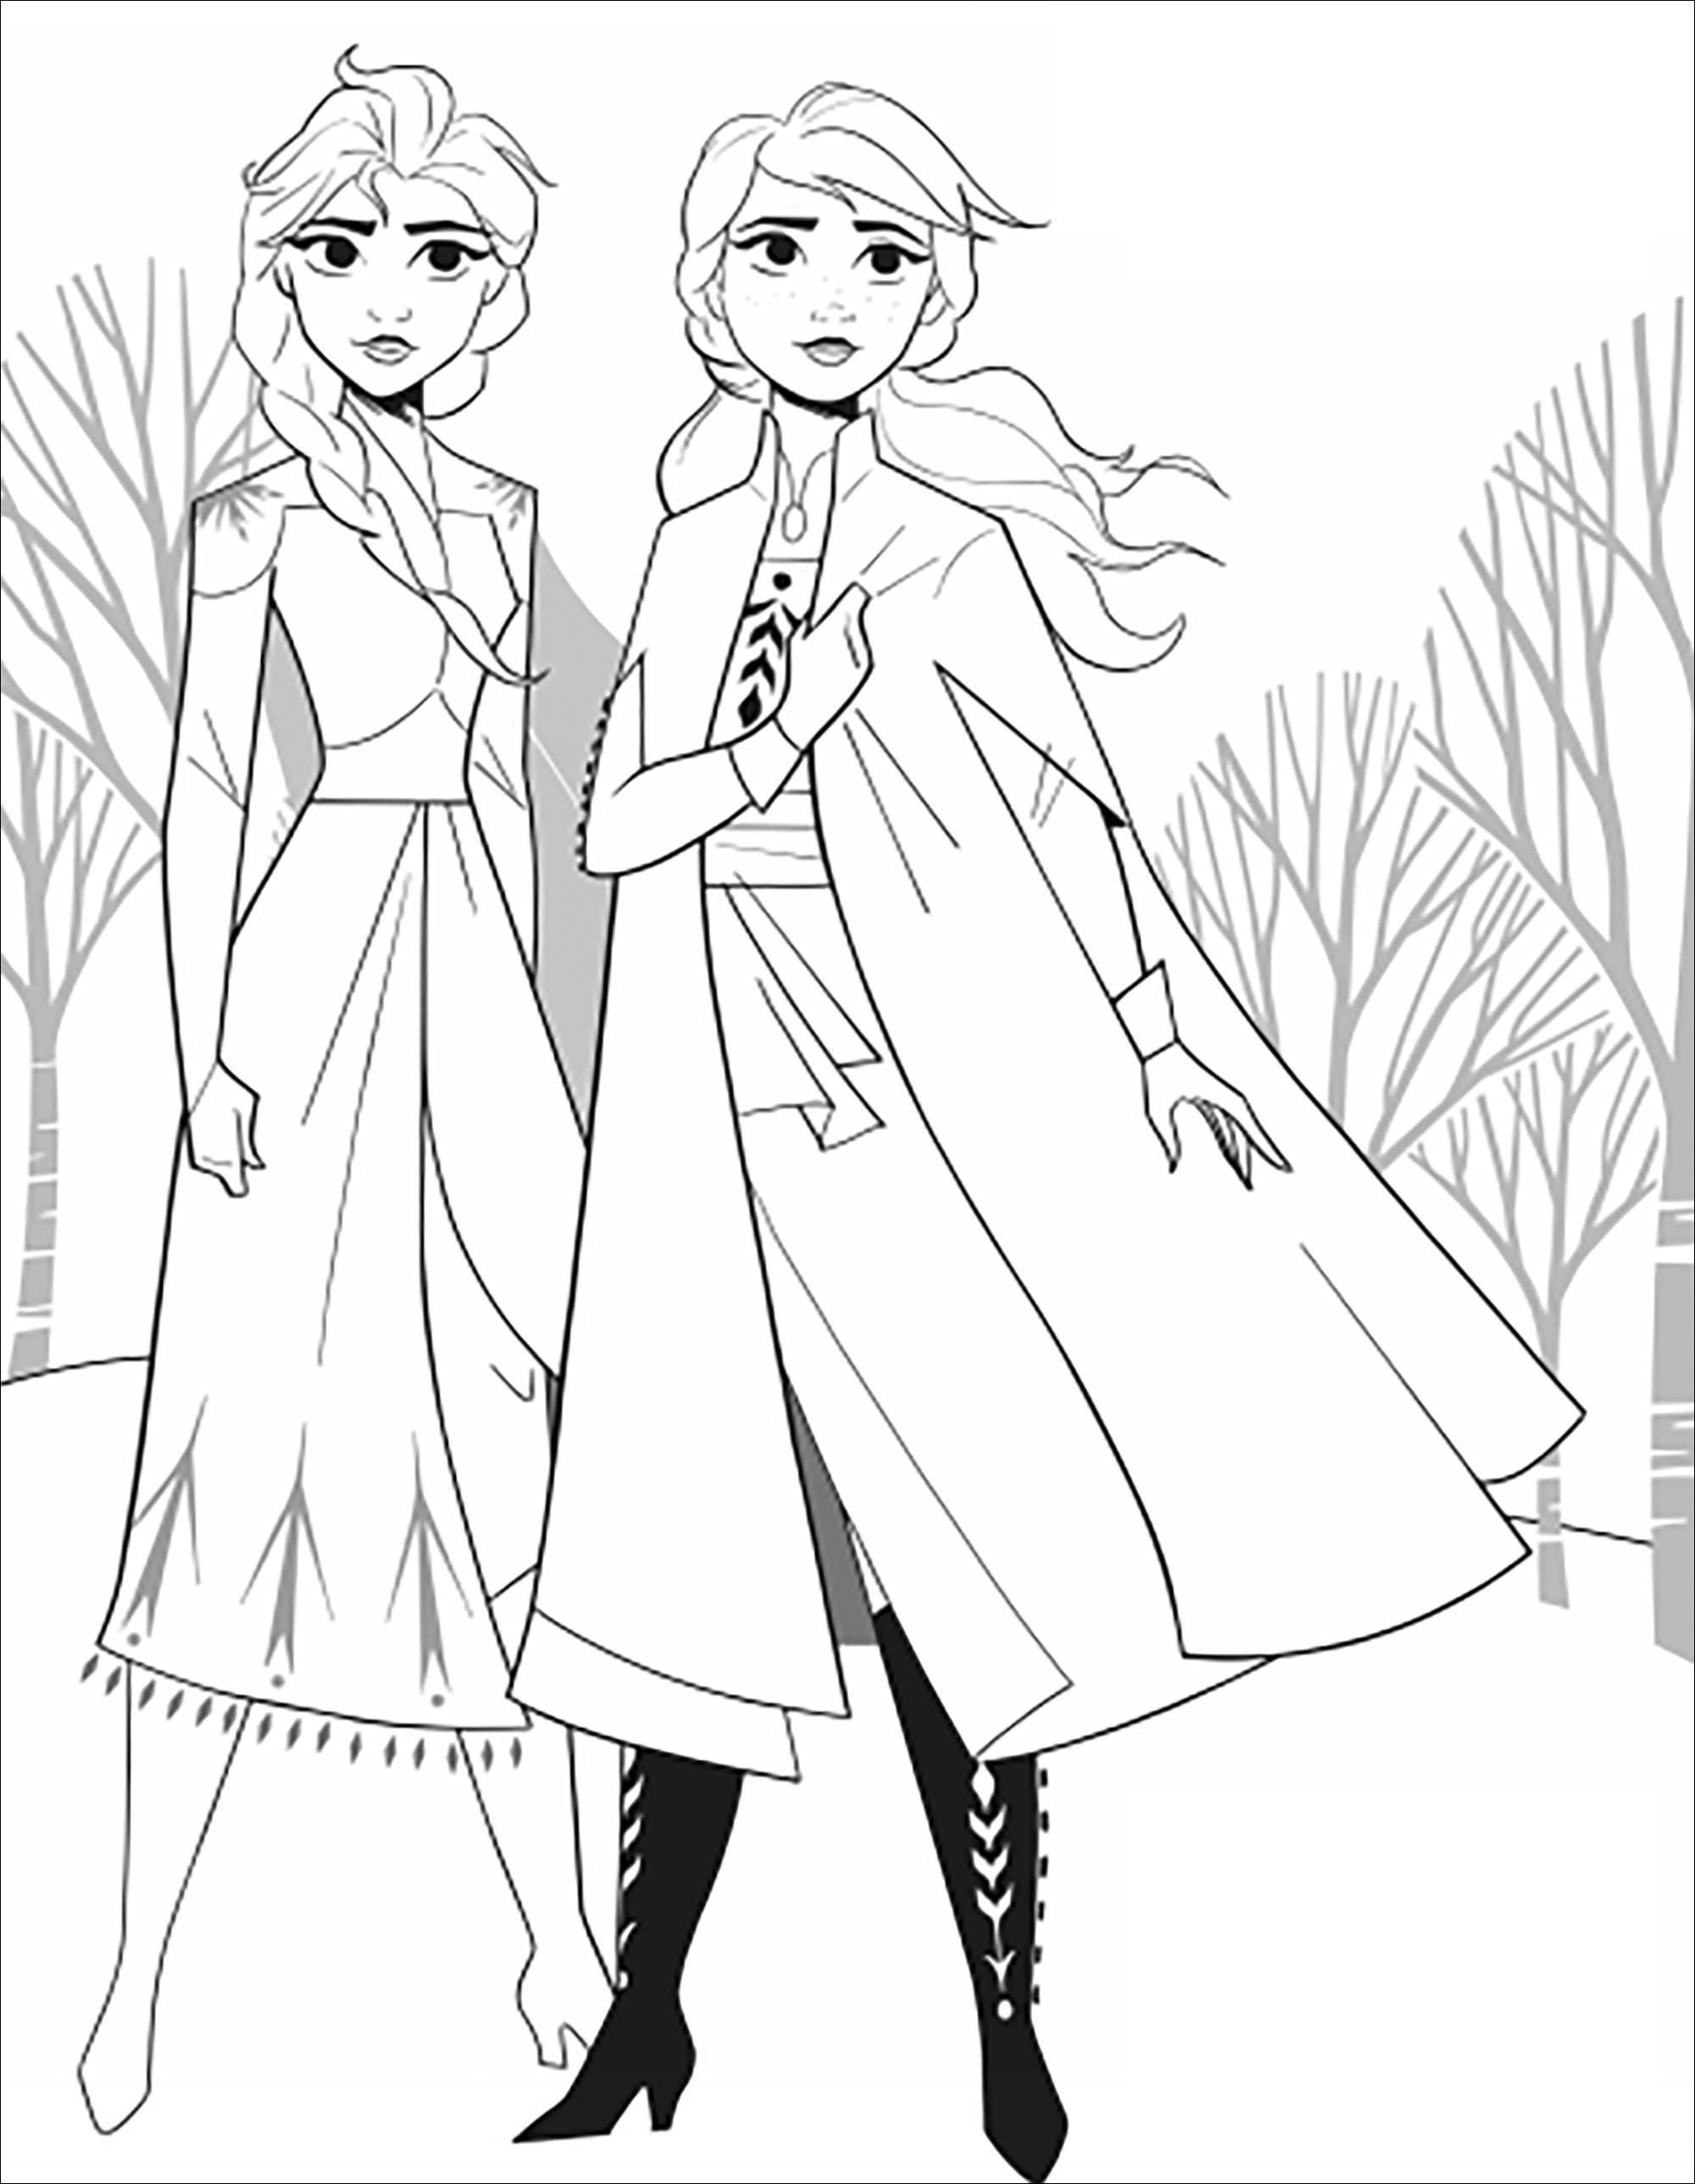 La reine des neiges 2 : Elsa et Anna sans texte